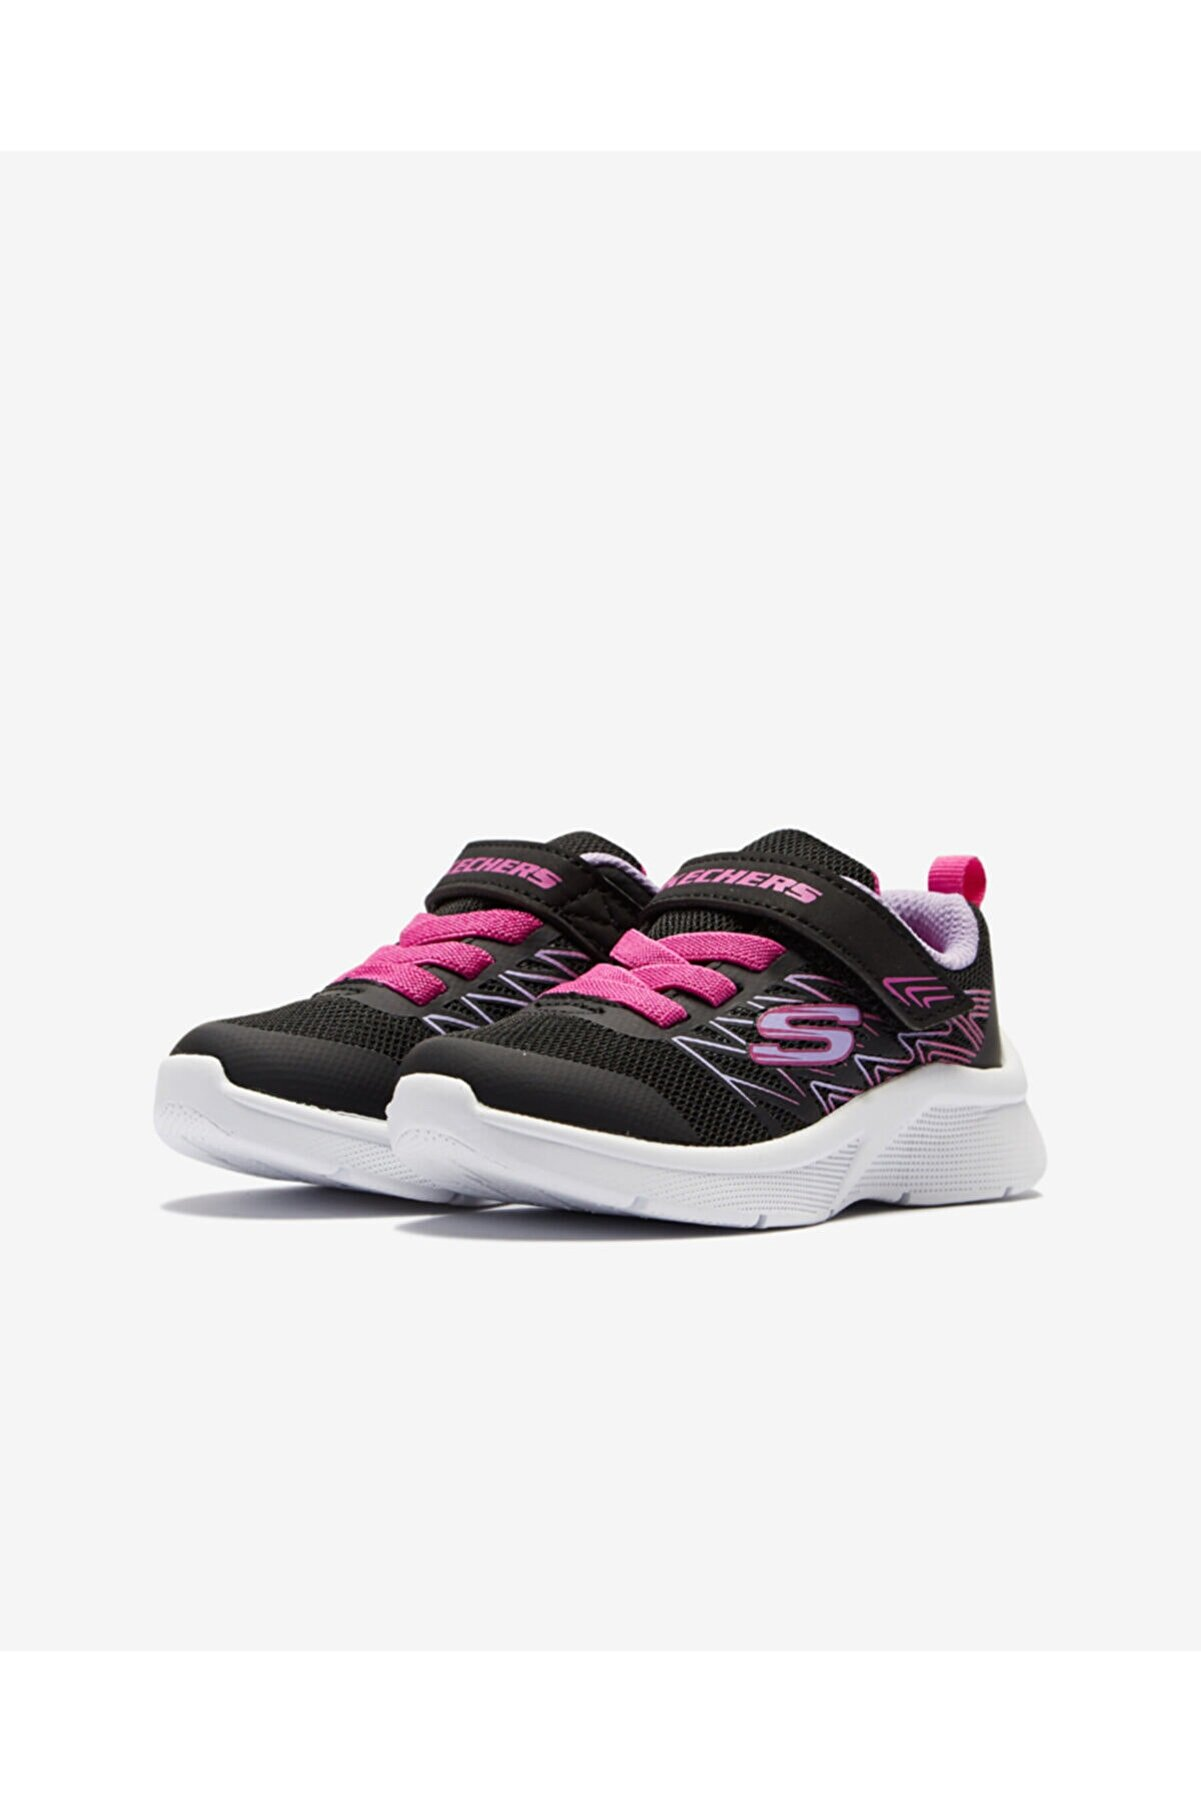 Skechers MICROSPEC - BOLD DELIGHT Küçük Kız Çocuk Siyah Spor Ayakkabı